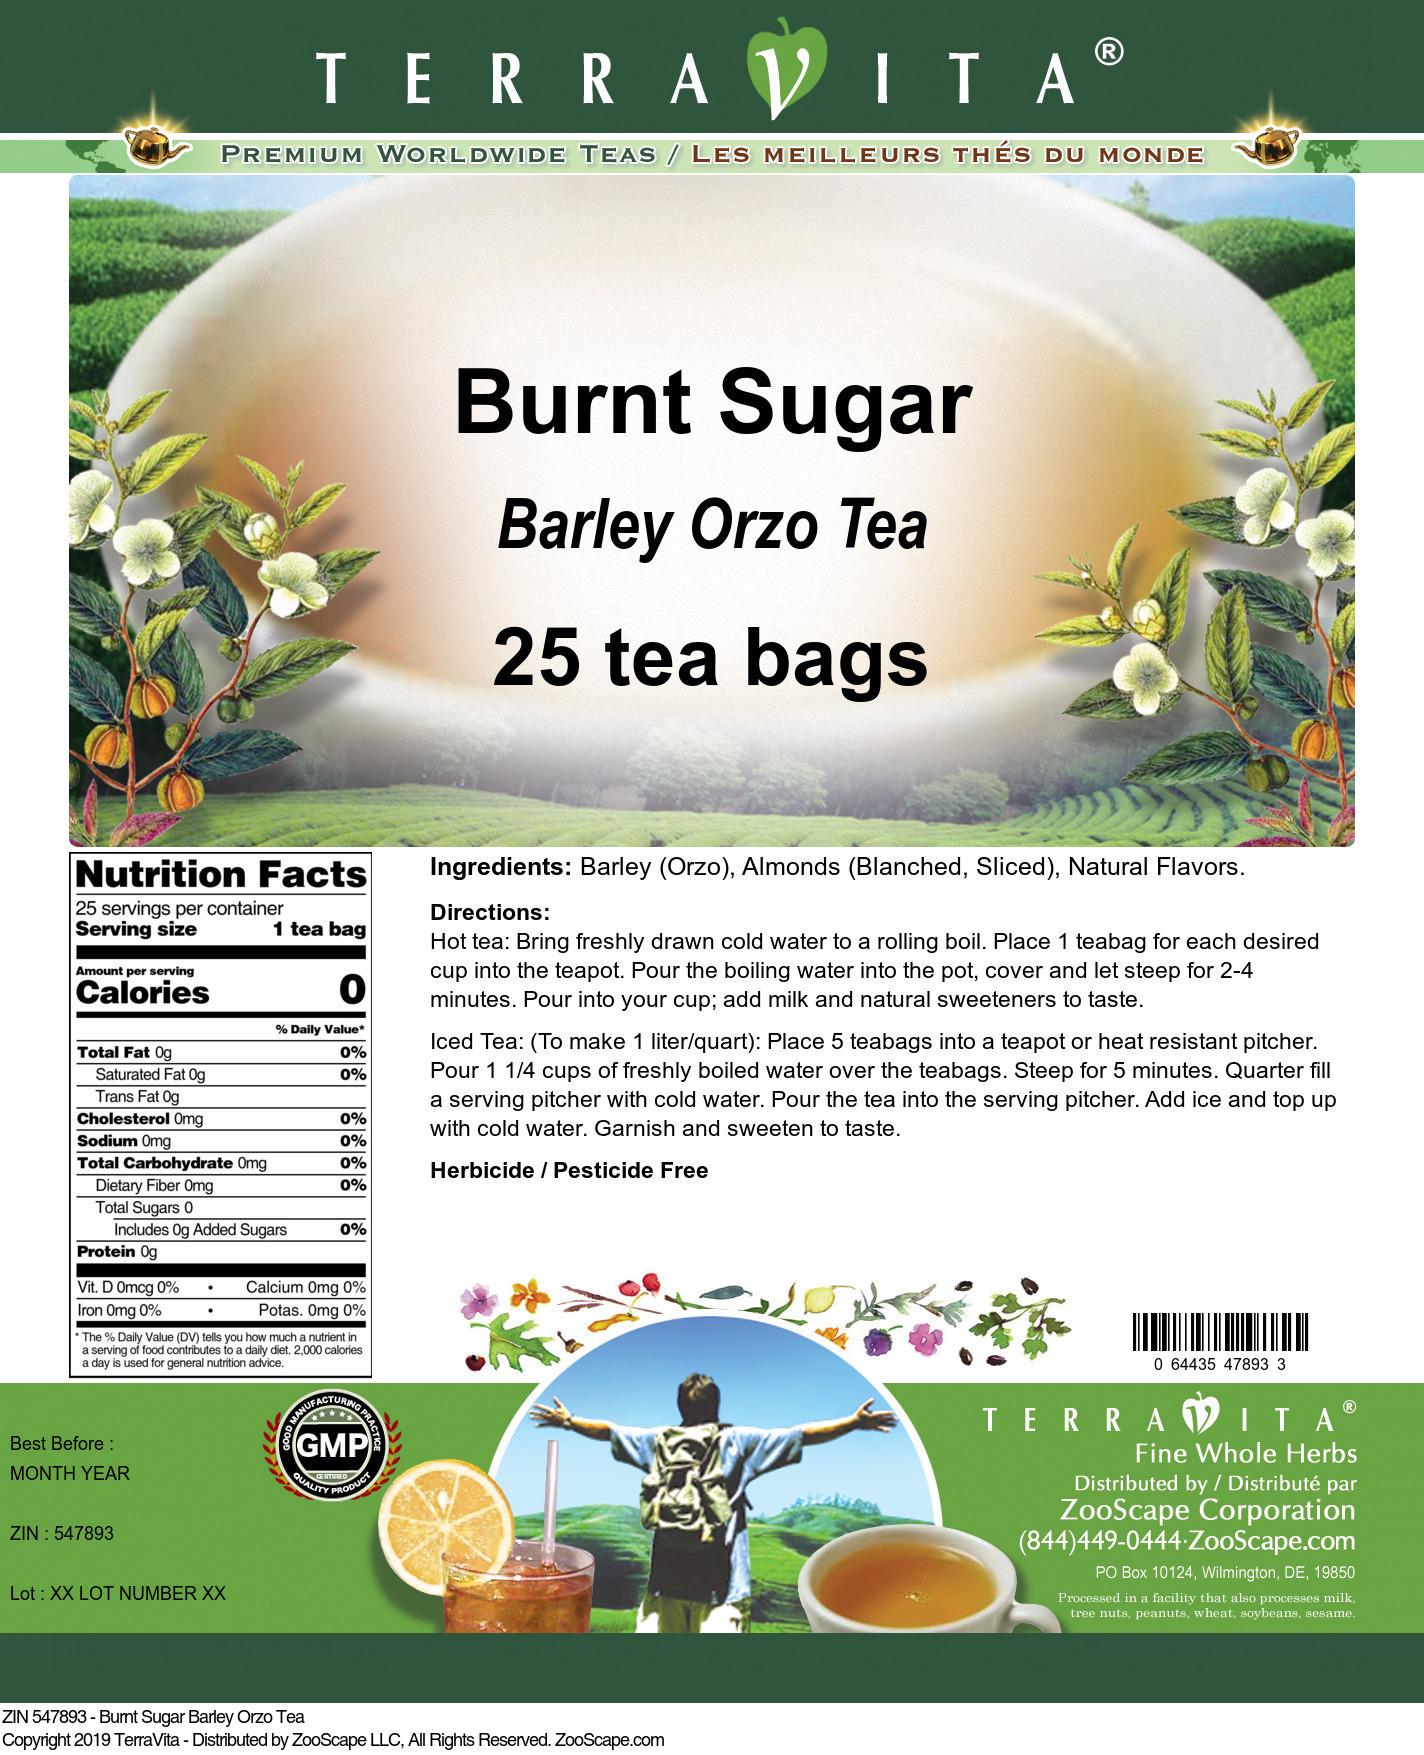 Burnt Sugar Barley Orzo Tea